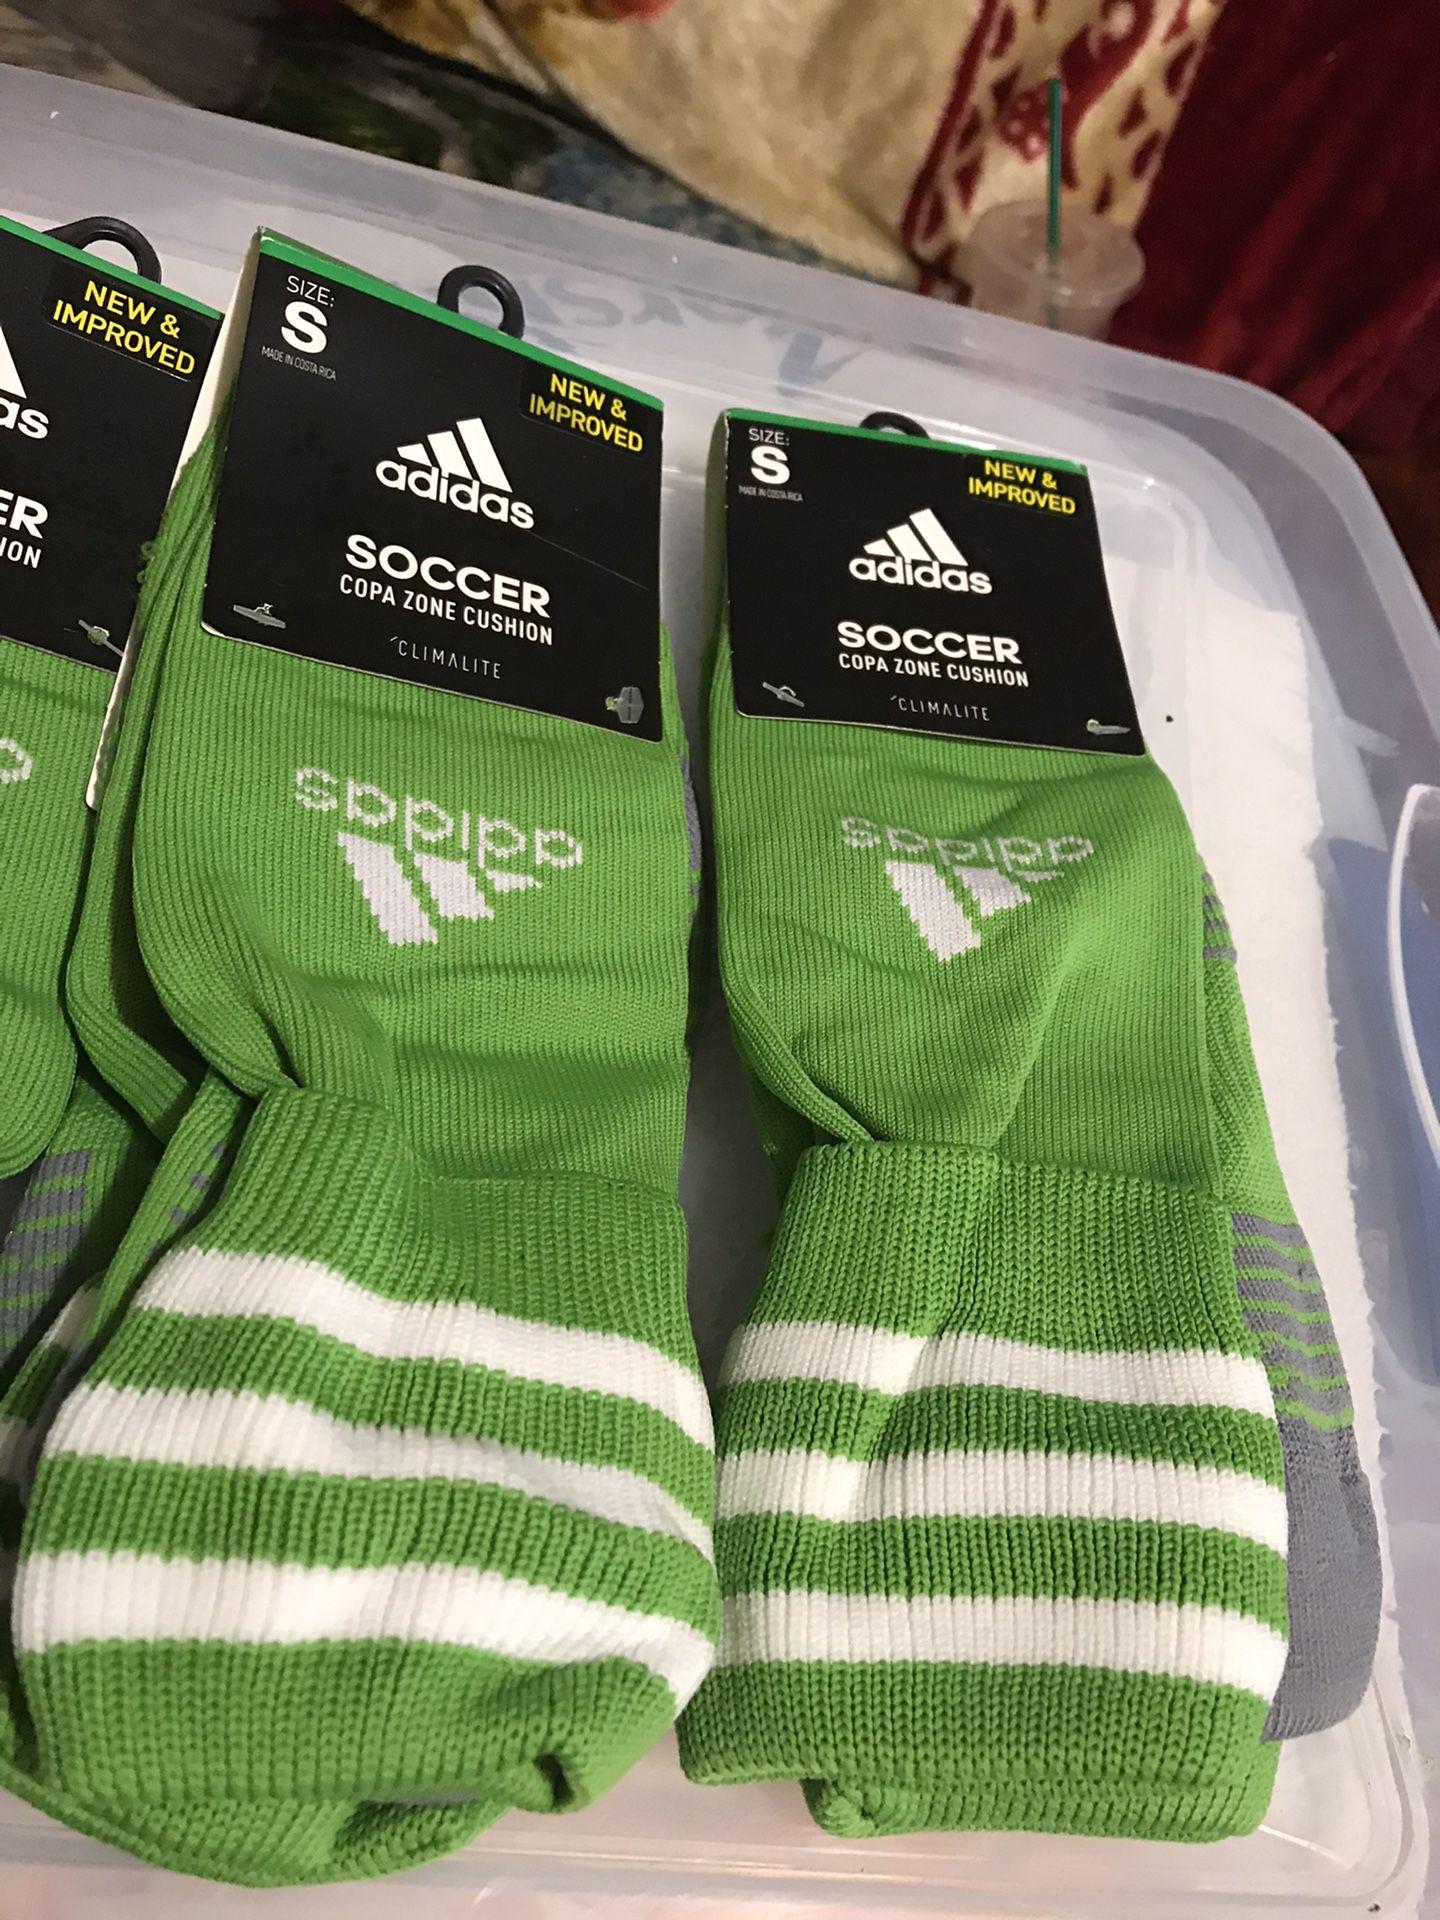 Adidas green soccer socks